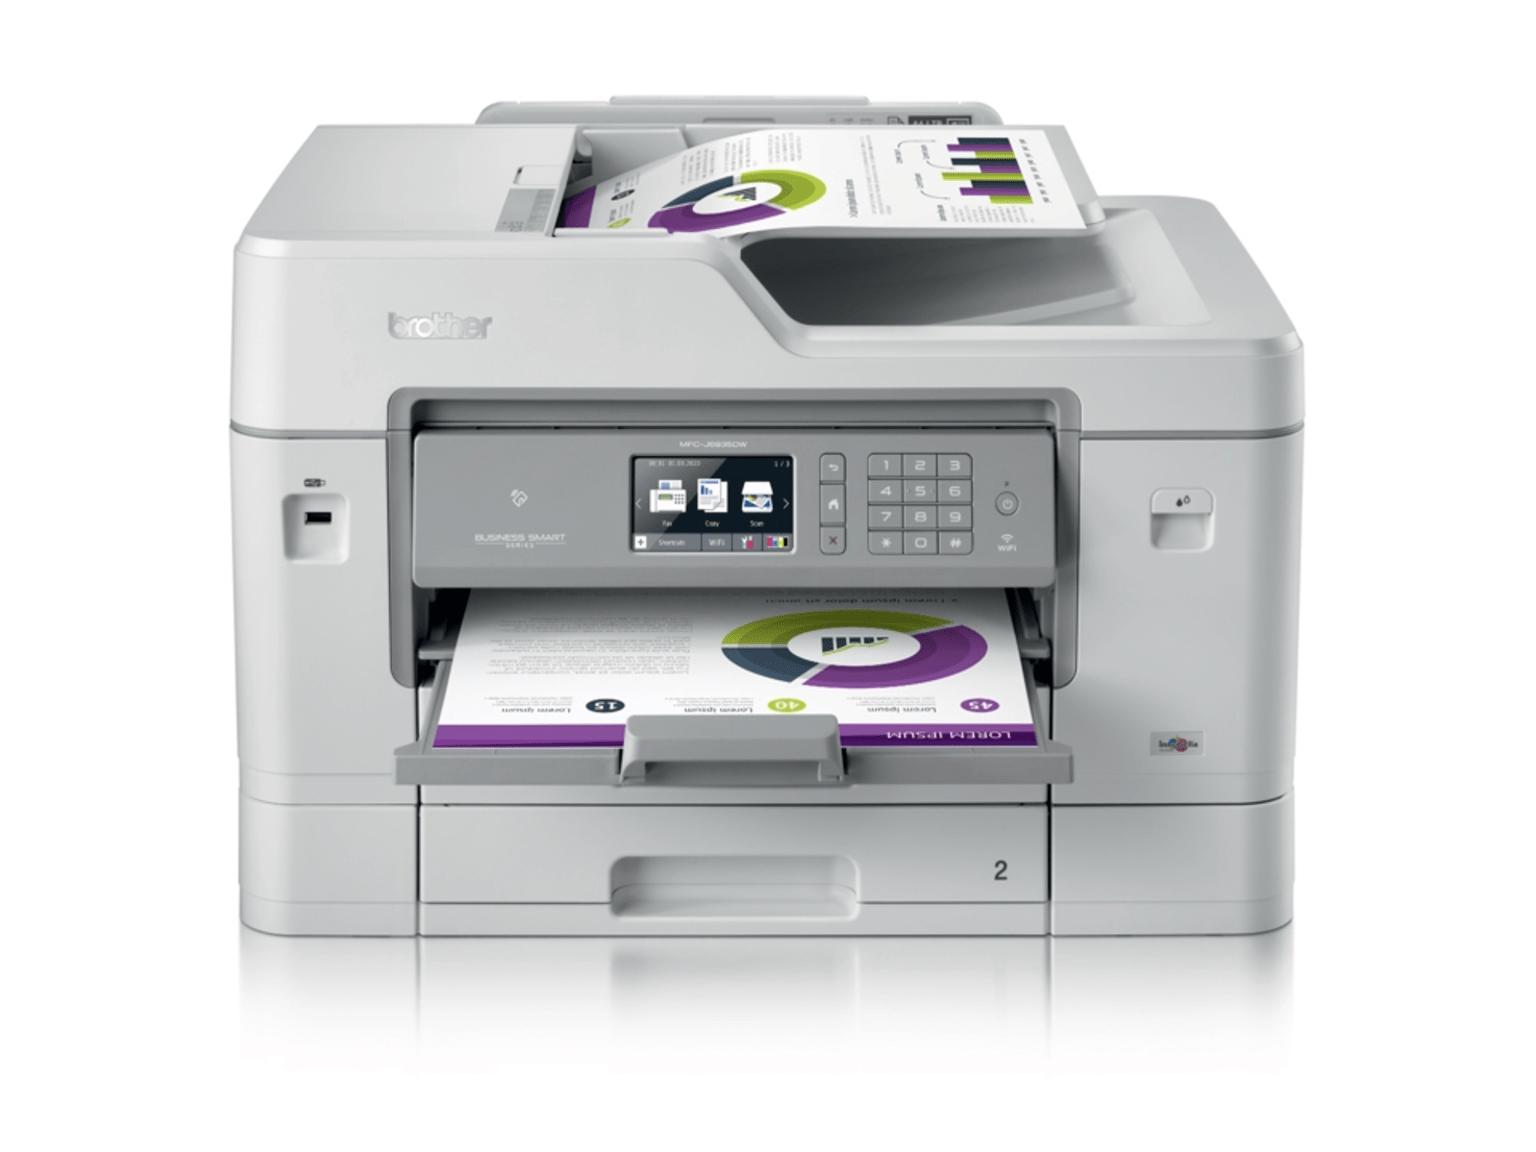 Impressoras multifunções Brother de tinta A4/A3